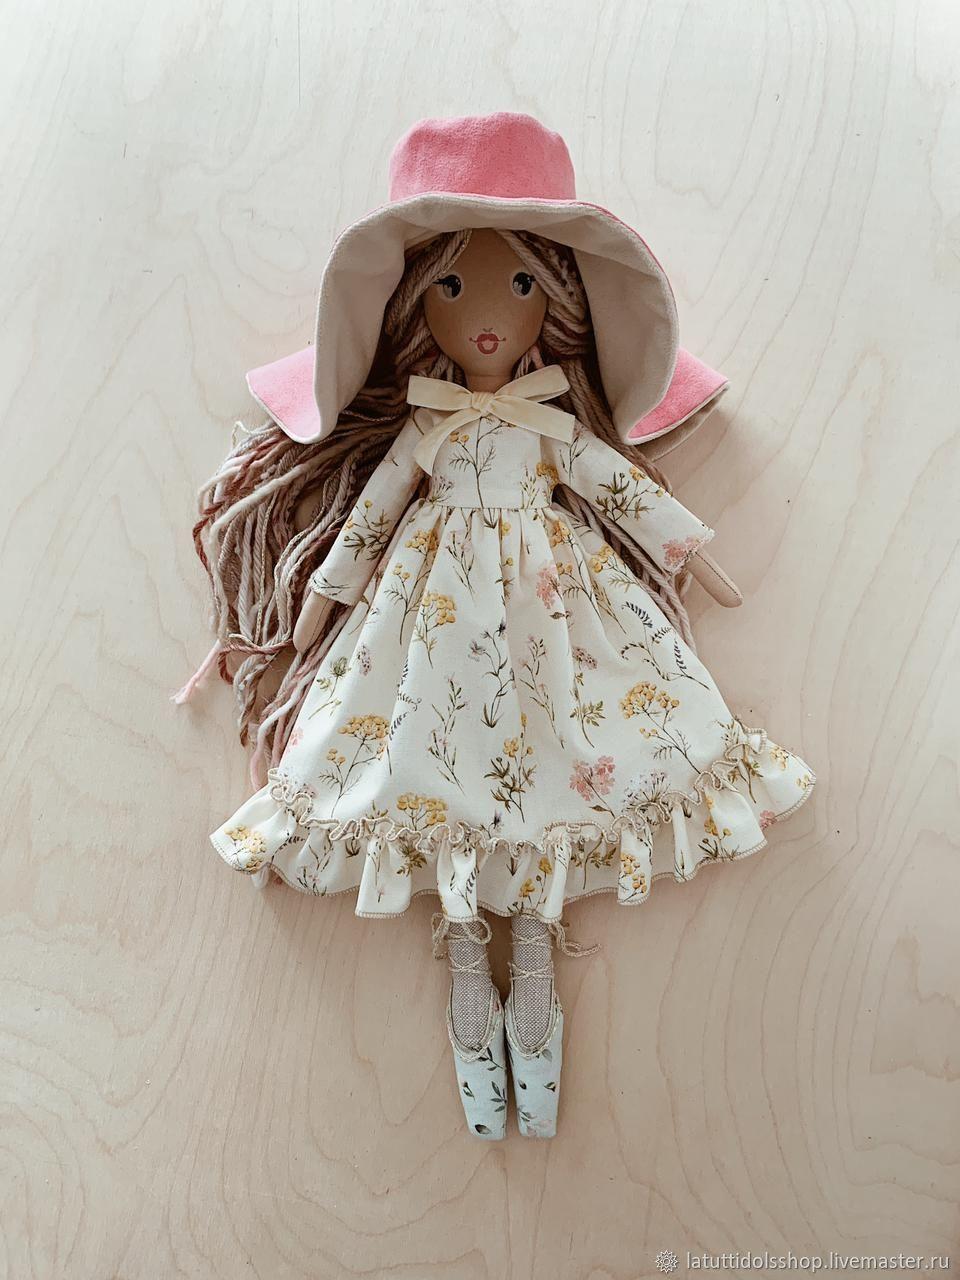 """Текстильная кукла """"Балерина"""" 46 см, Куклы и пупсы, Тосно,  Фото №1"""